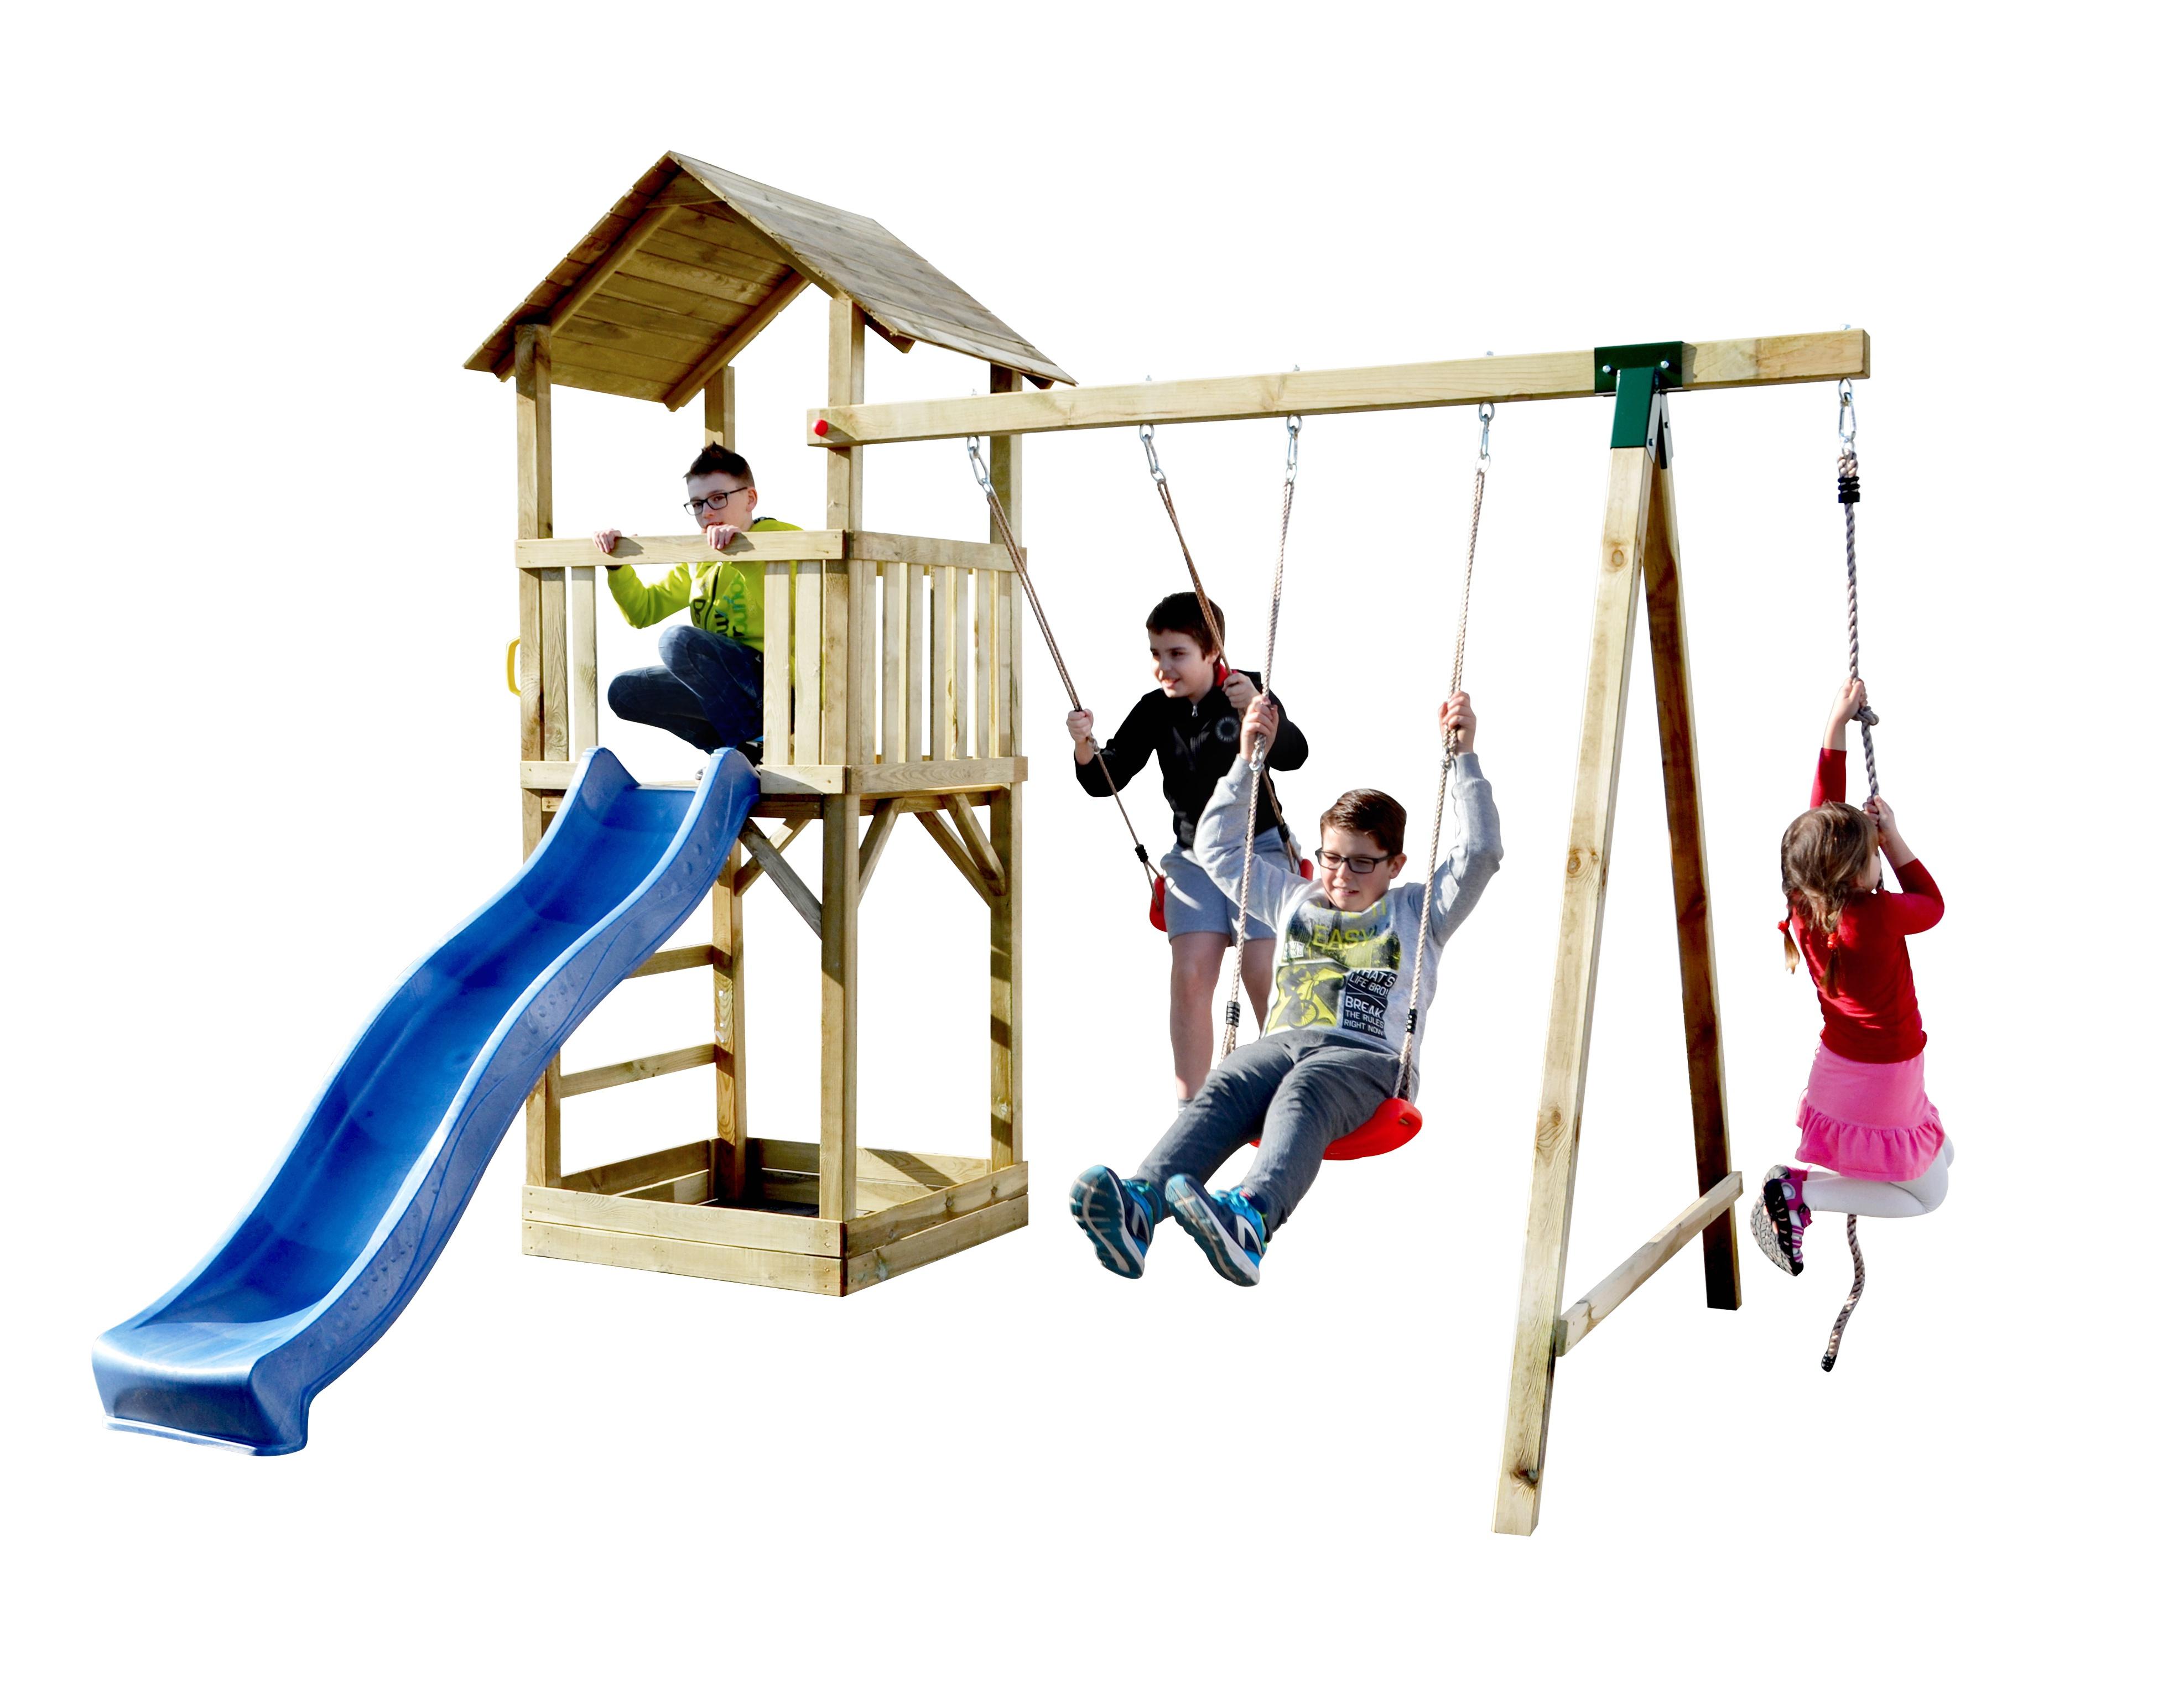 Jak chytře a bezpečně zabavit své děti během prázdnin?